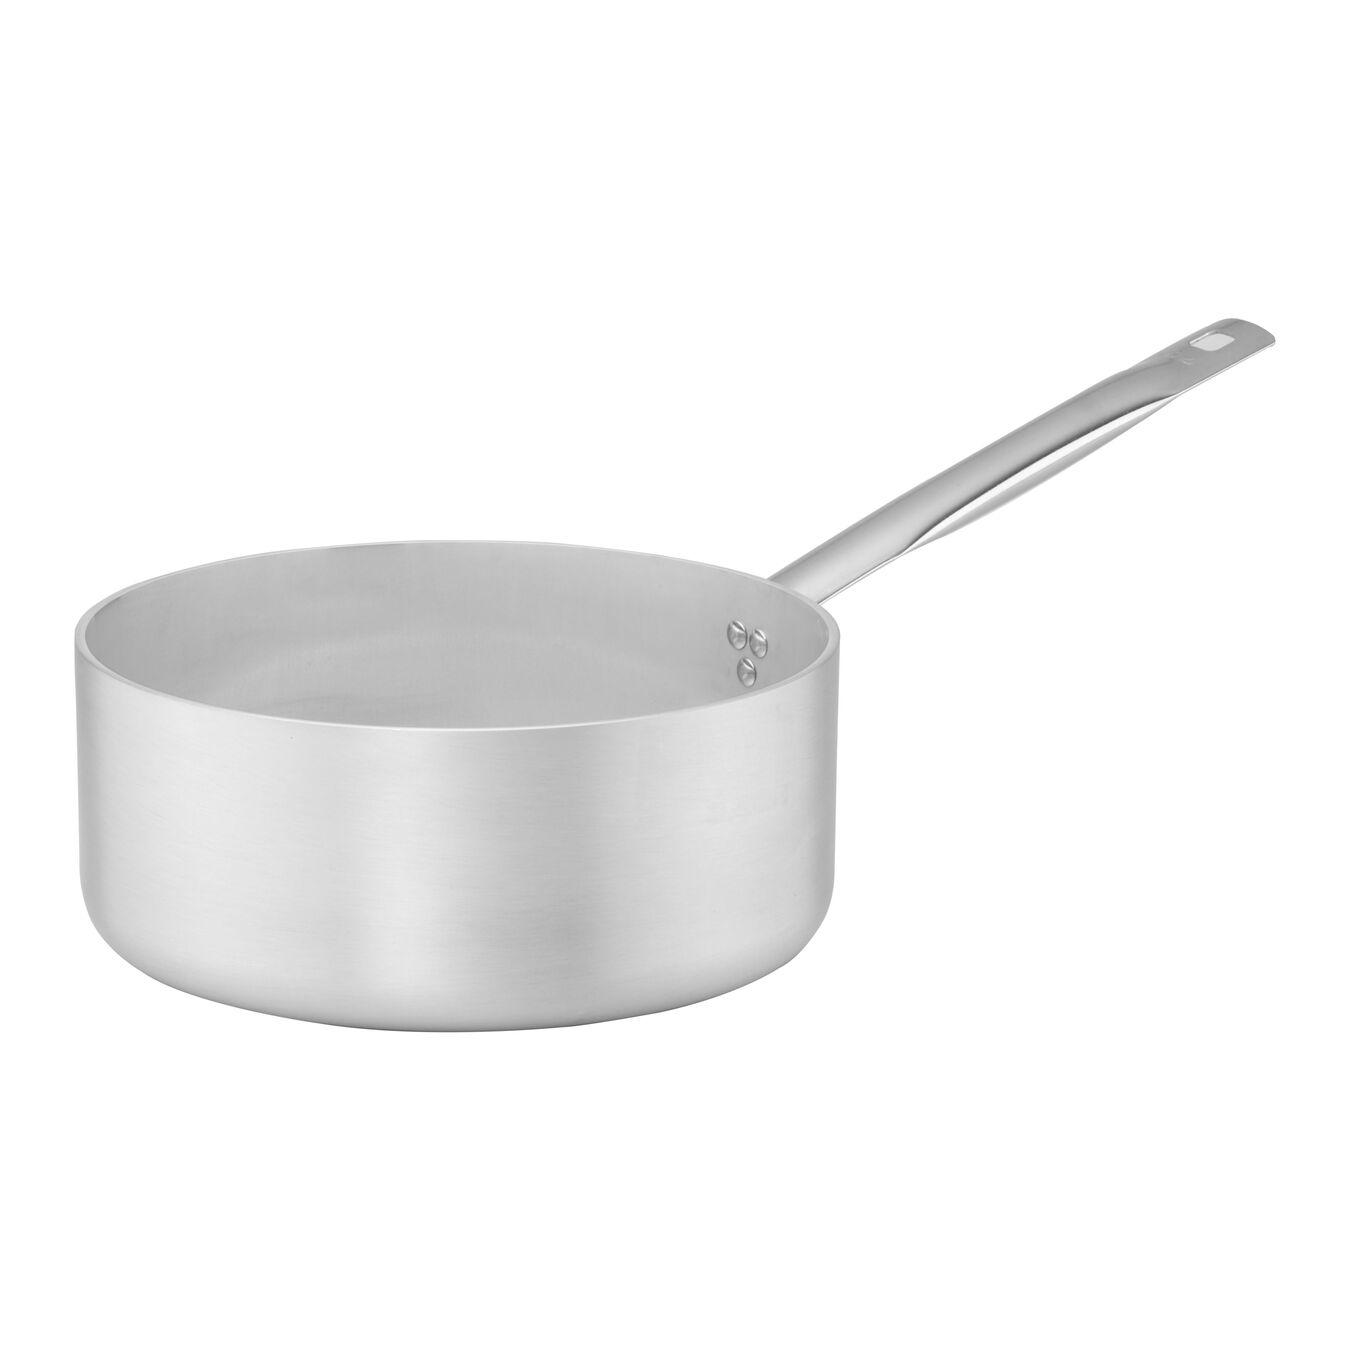 9.5 qt Sauce pan, aluminium ,,large 3